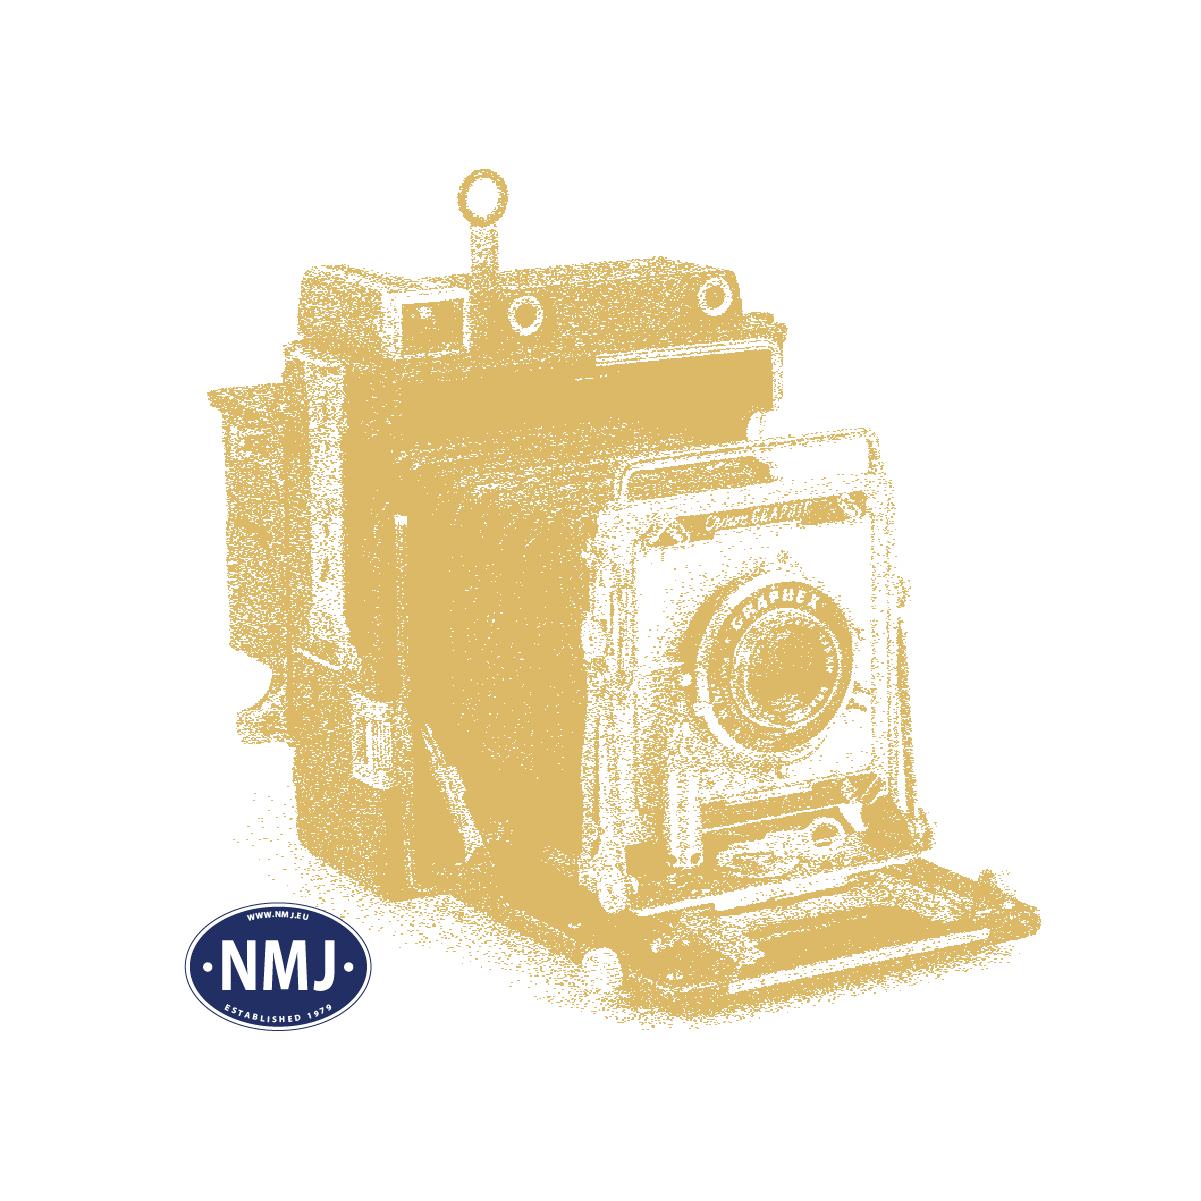 NMJT202.501 - NMJ Topline S11 4871 Kino-und Bistrowagen der SJ, Inter-Regio Design